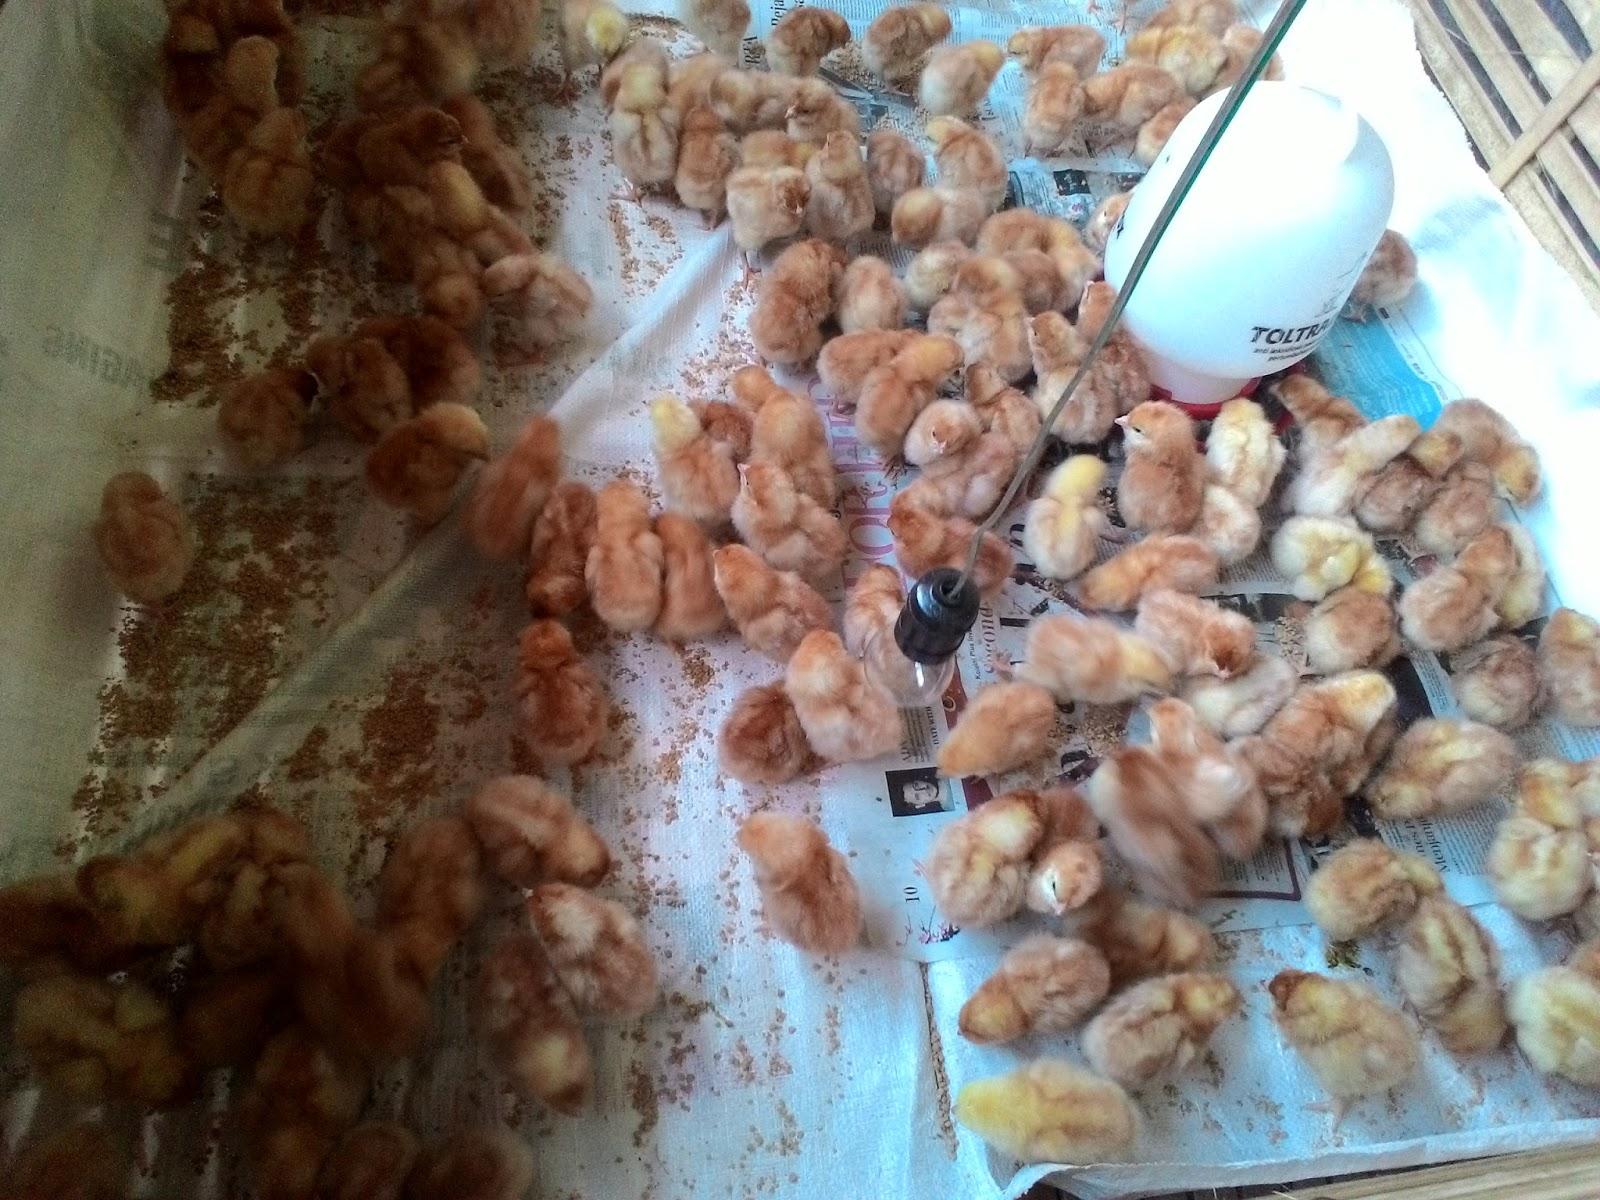 Jika Kita Membahas Tentang Ayam Petelurkemungkinan Besar Gak Ada Habisnyakarena Jenisnya Banyak Terutama Asal Usul Dan Strain Layer Dari Masa Ke